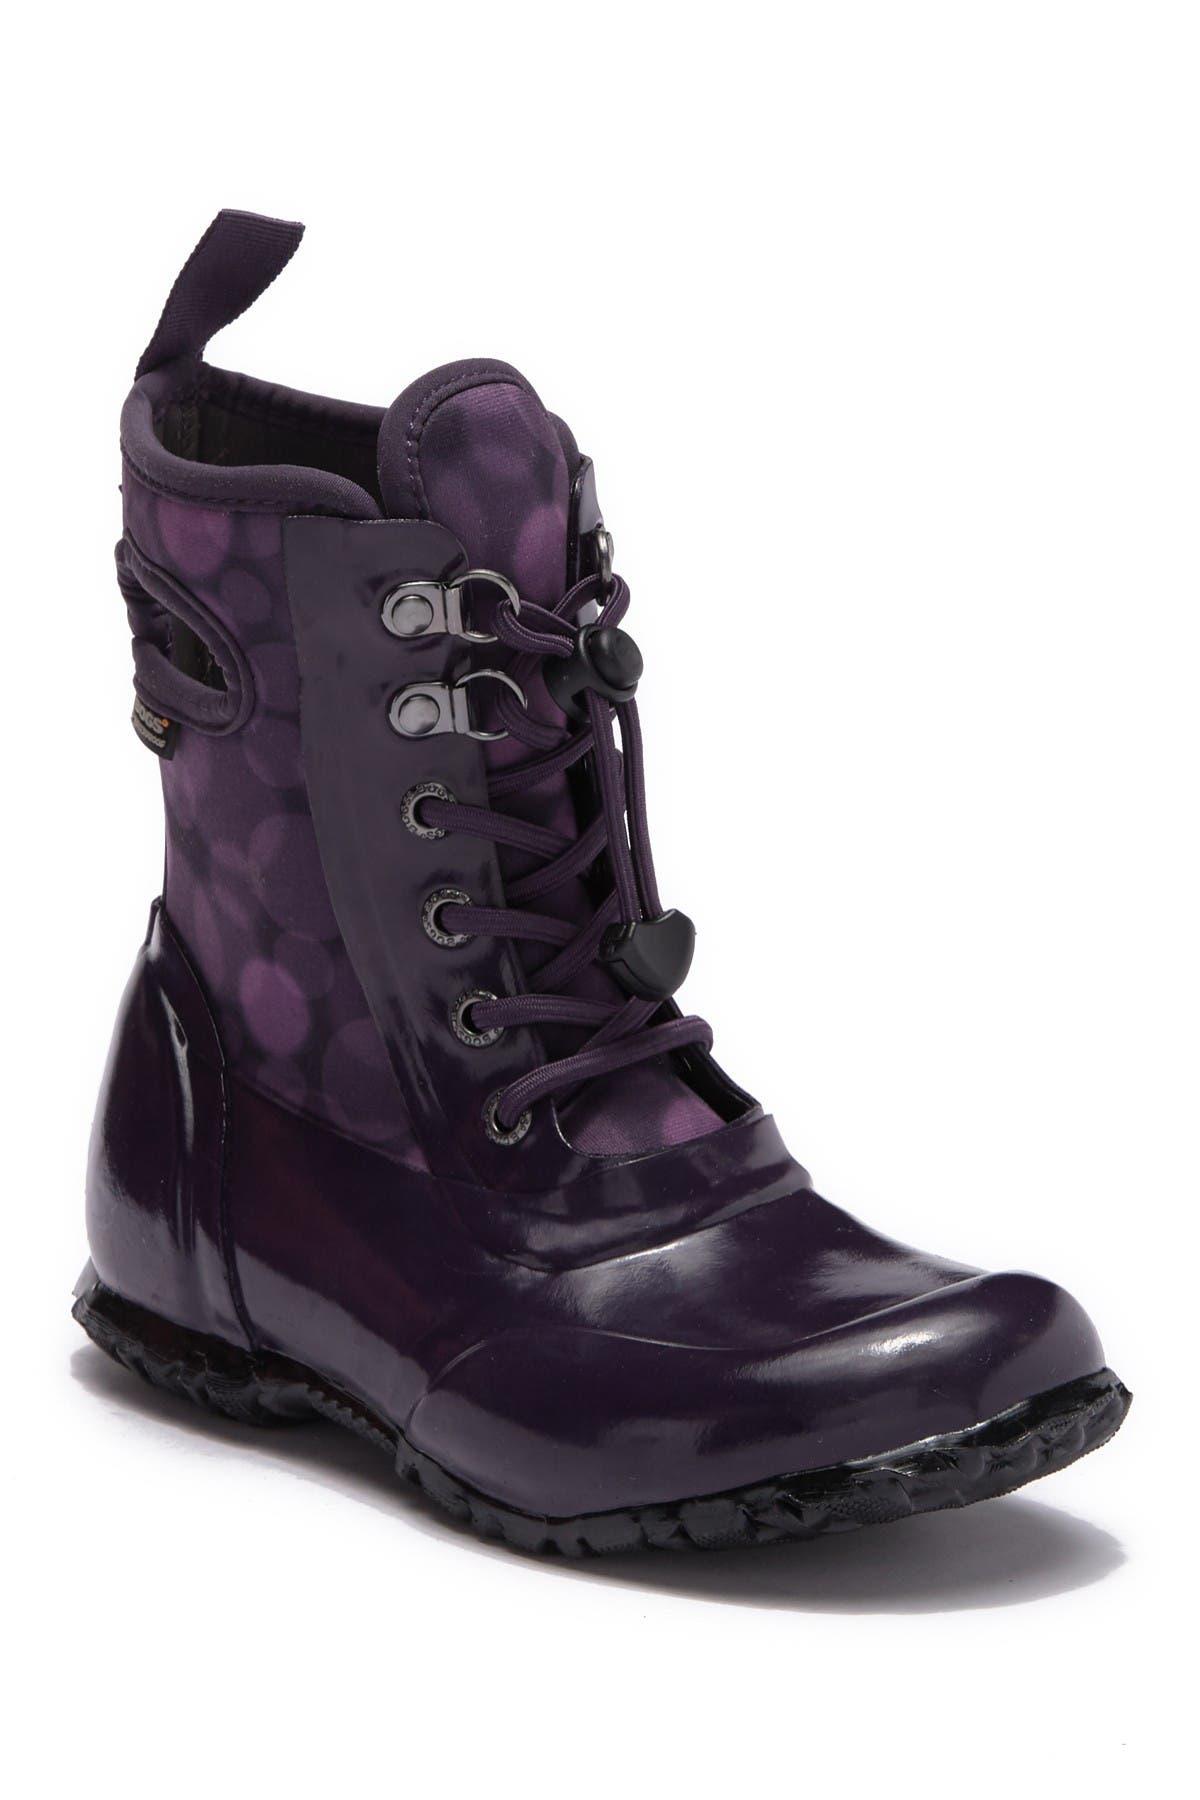 bogs lace up rain boots